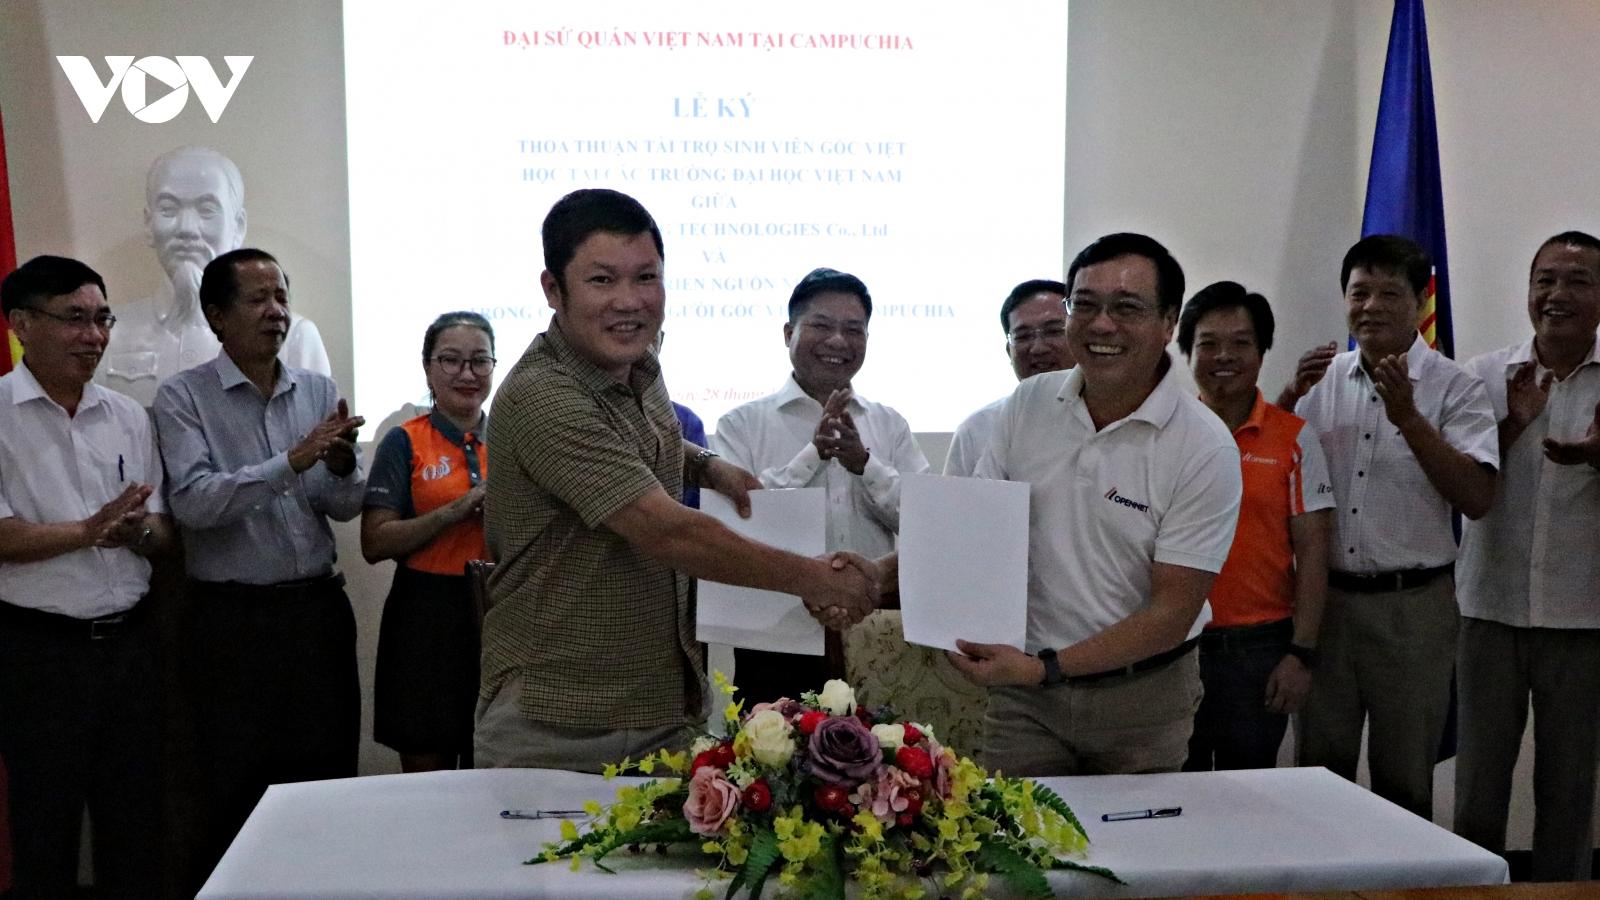 Chung tay hỗ trợ sinh viên nghèo gốc Việt tại Campuchia